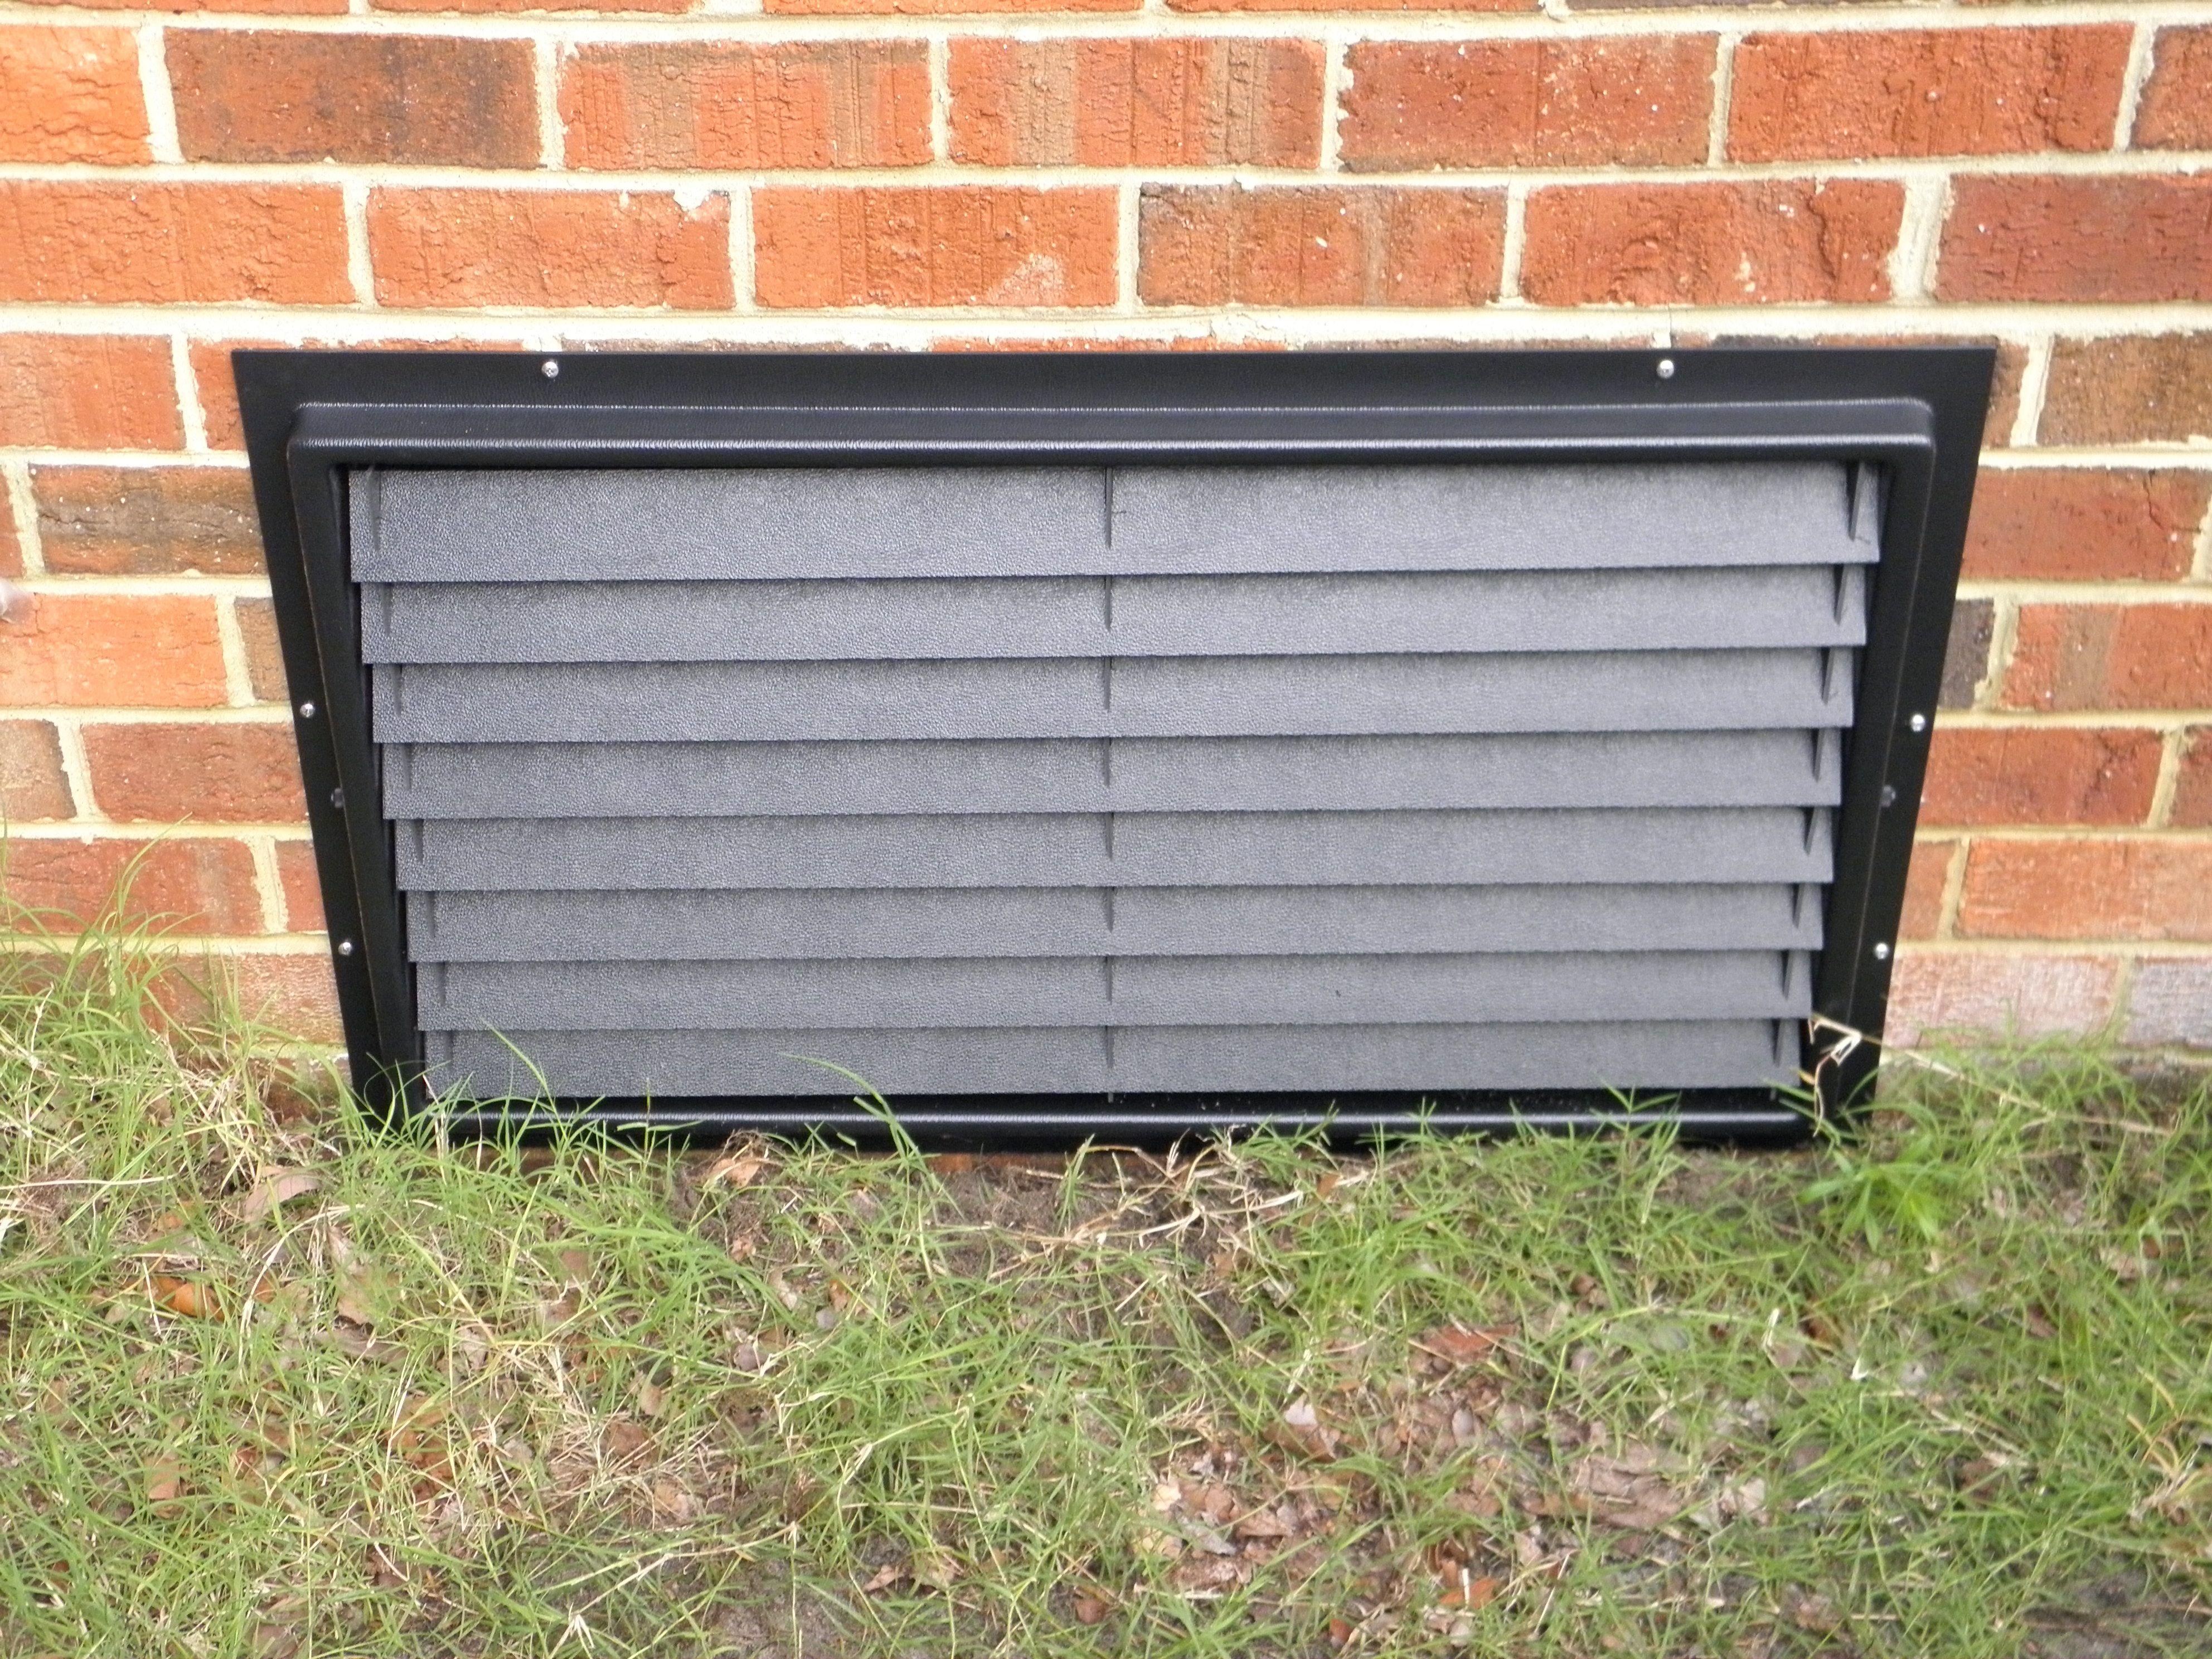 16x32 Flood Vent Crawl Space Door Crawlspace Diy Crawlspace